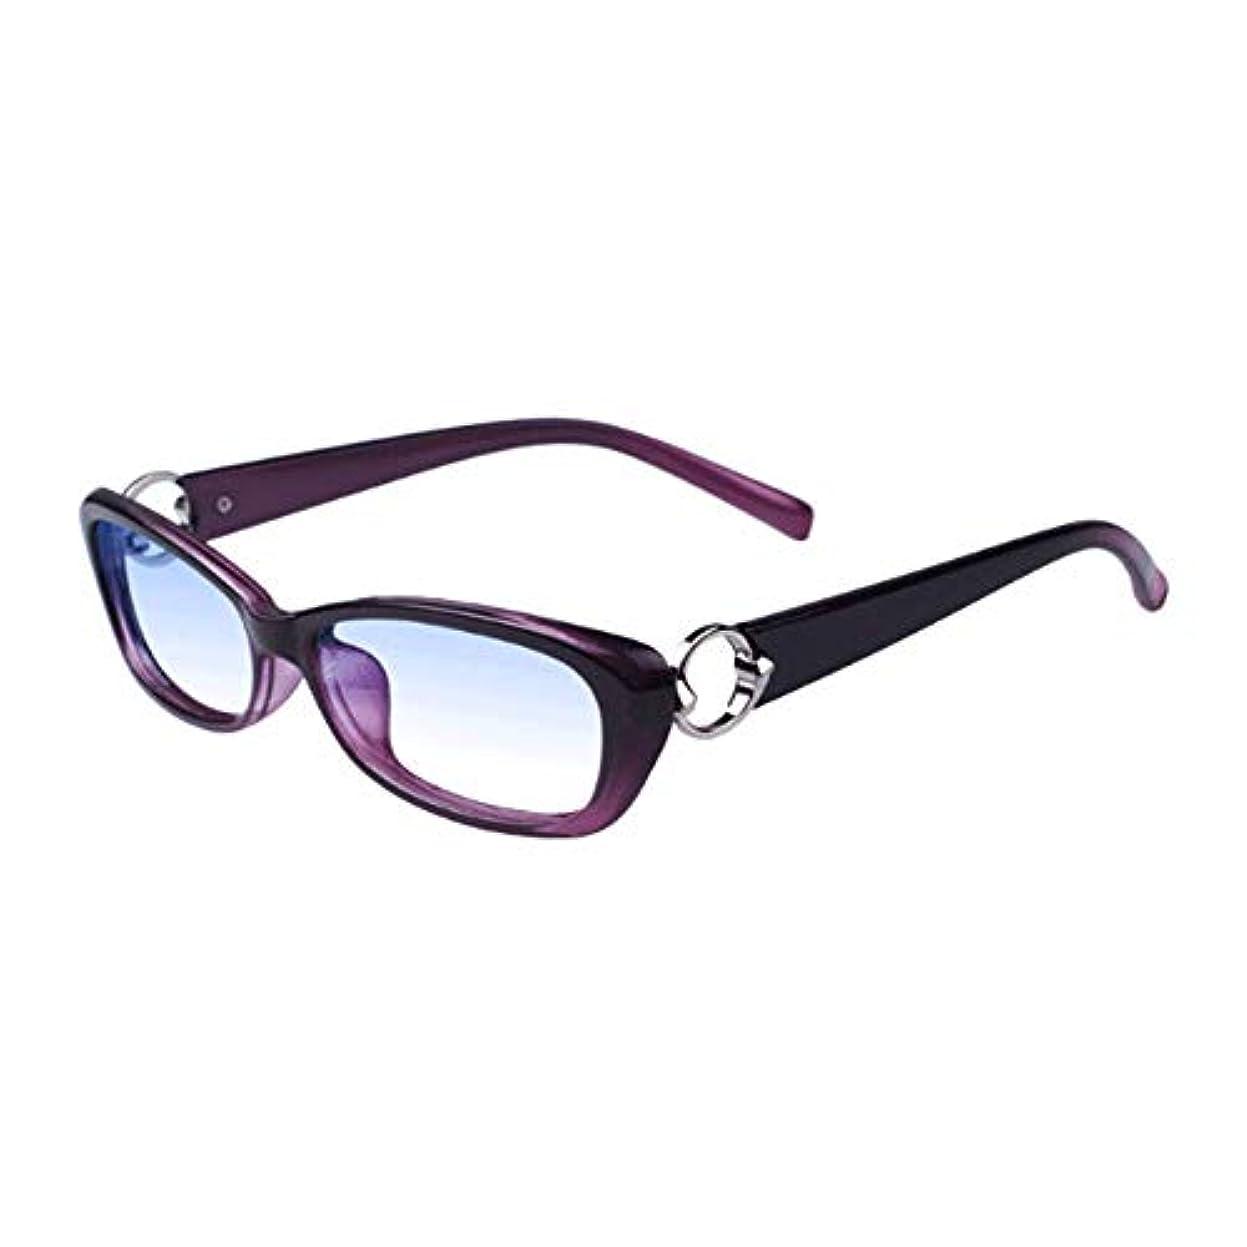 ミシン毎月ジョセフバンクス女性のファッション老眼鏡、抗ブルーレイ/携帯電話/コンピュータ/ゲーム用放射線コンピュータのメガネ(2.50ジオプター